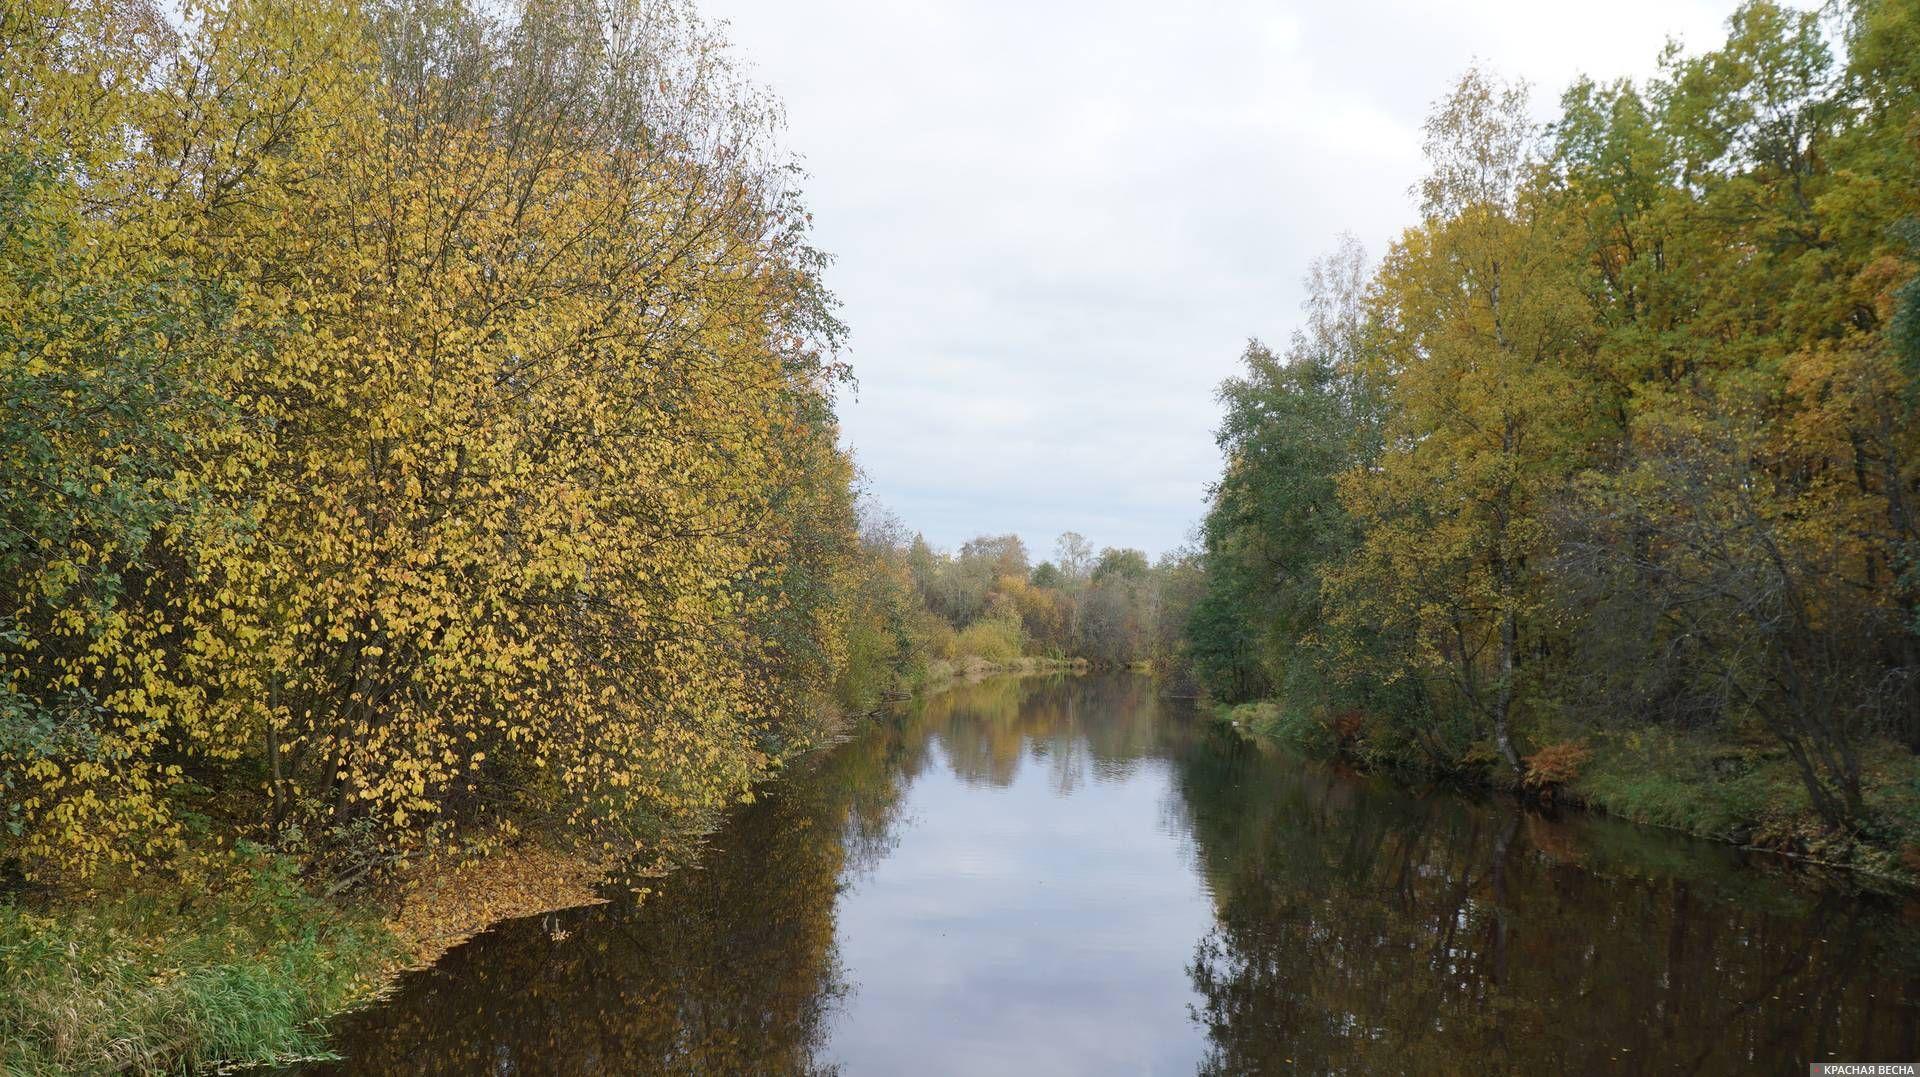 Река Сестра в Белоострове, бывшая советско-финляндская граница. 06.10.2019